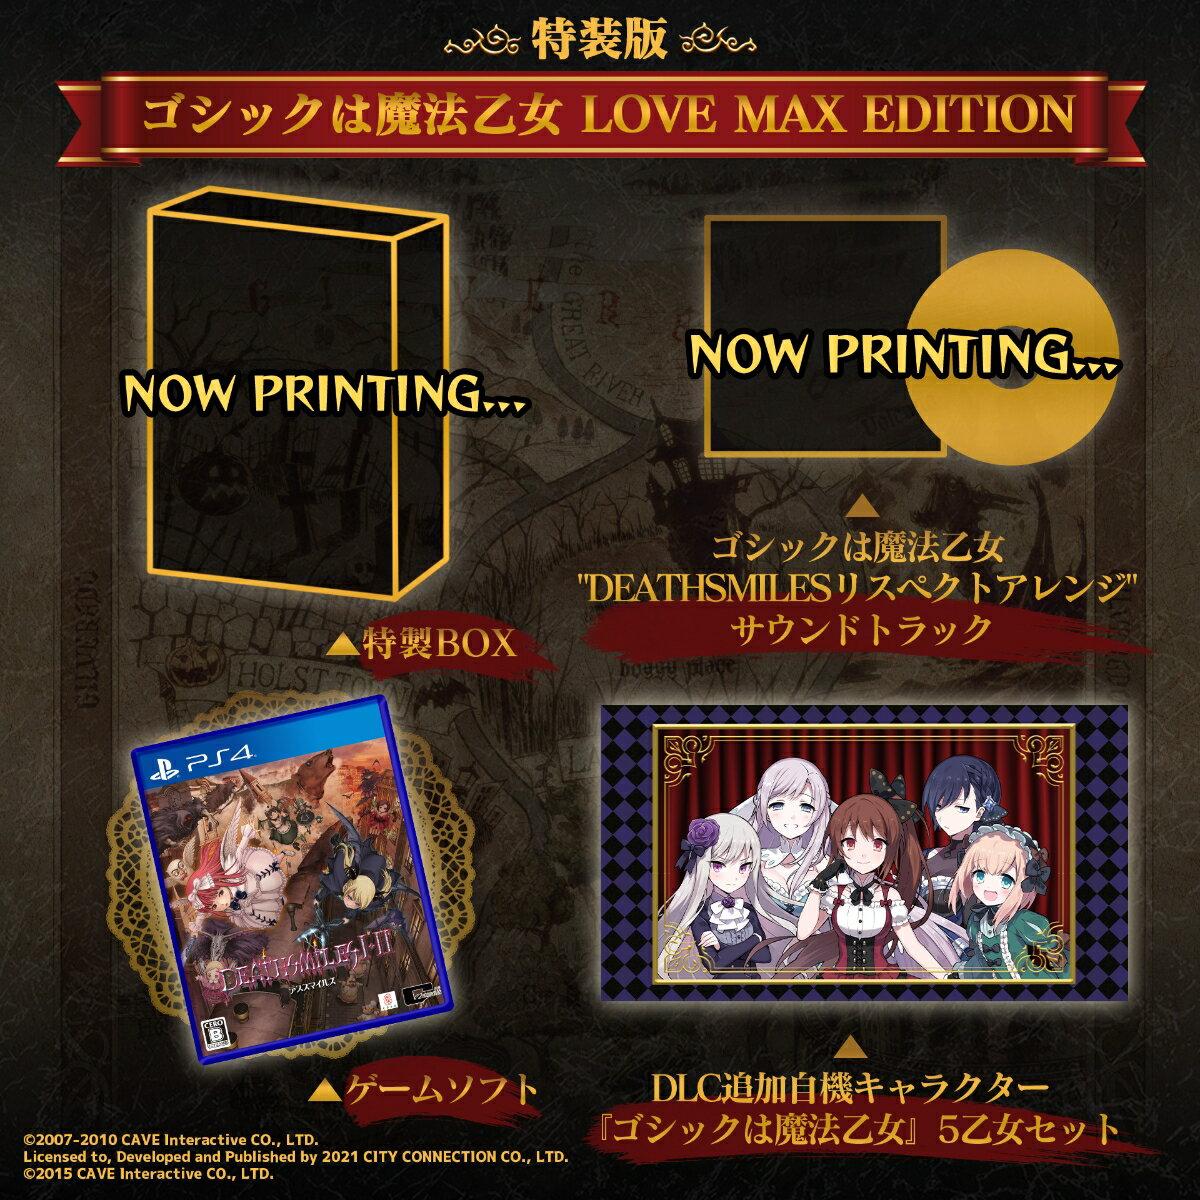 プレイステーション4, ソフト  III LOVE MAX EDITION PS4( )